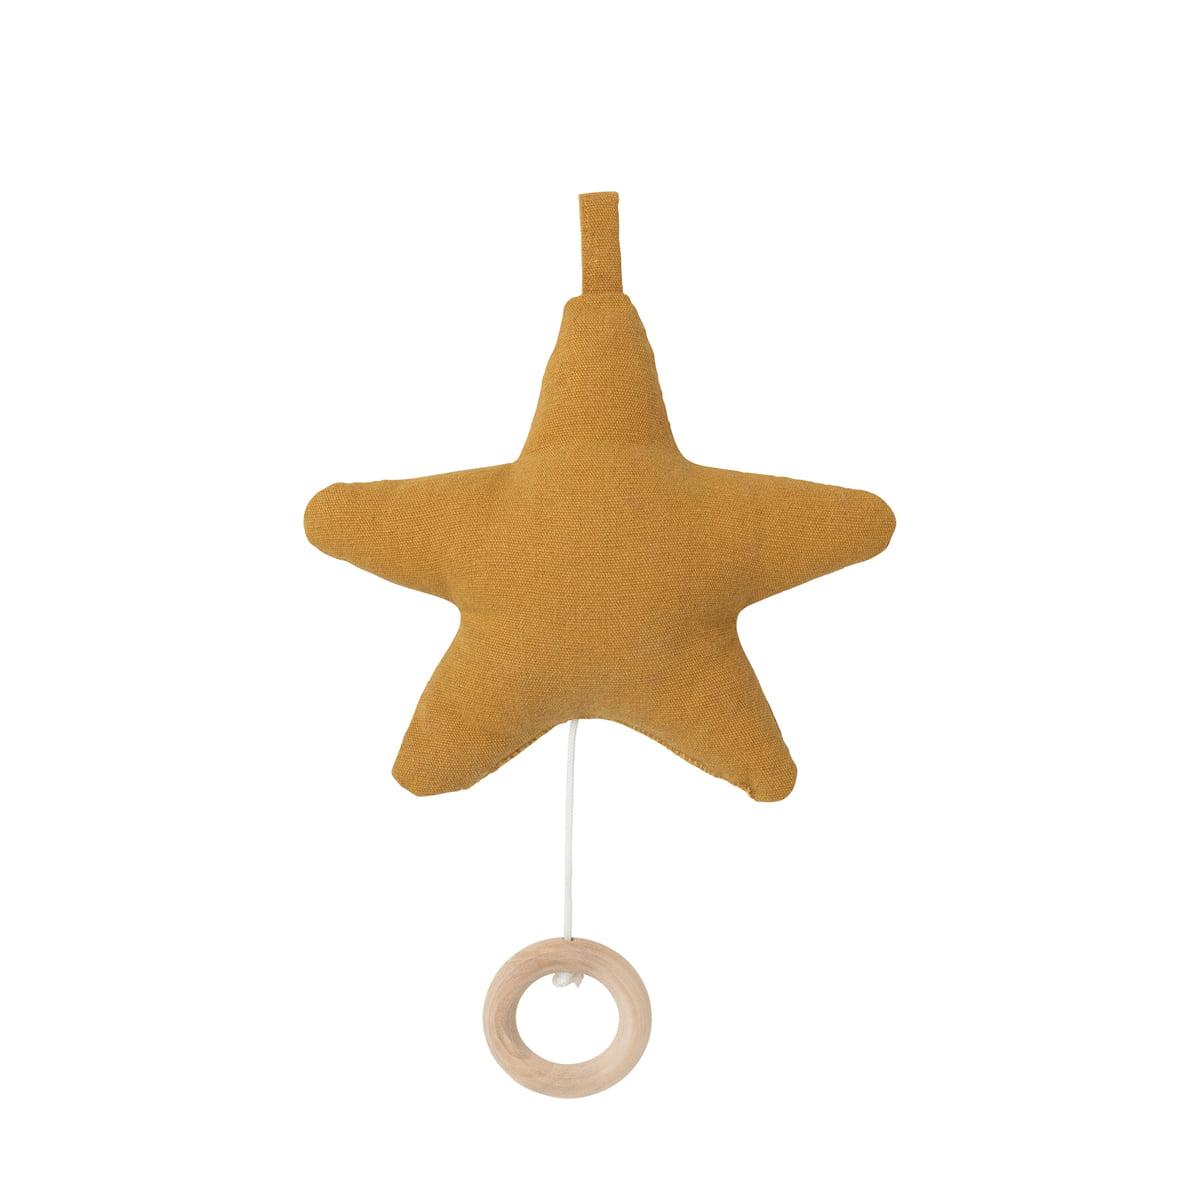 ferm Living - Star Spieluhr, senf | Kinderzimmer > Spielzeuge > Spieluhren | Senf | Bezug: 100% baumwolle -  füllung: polyester | ferm living